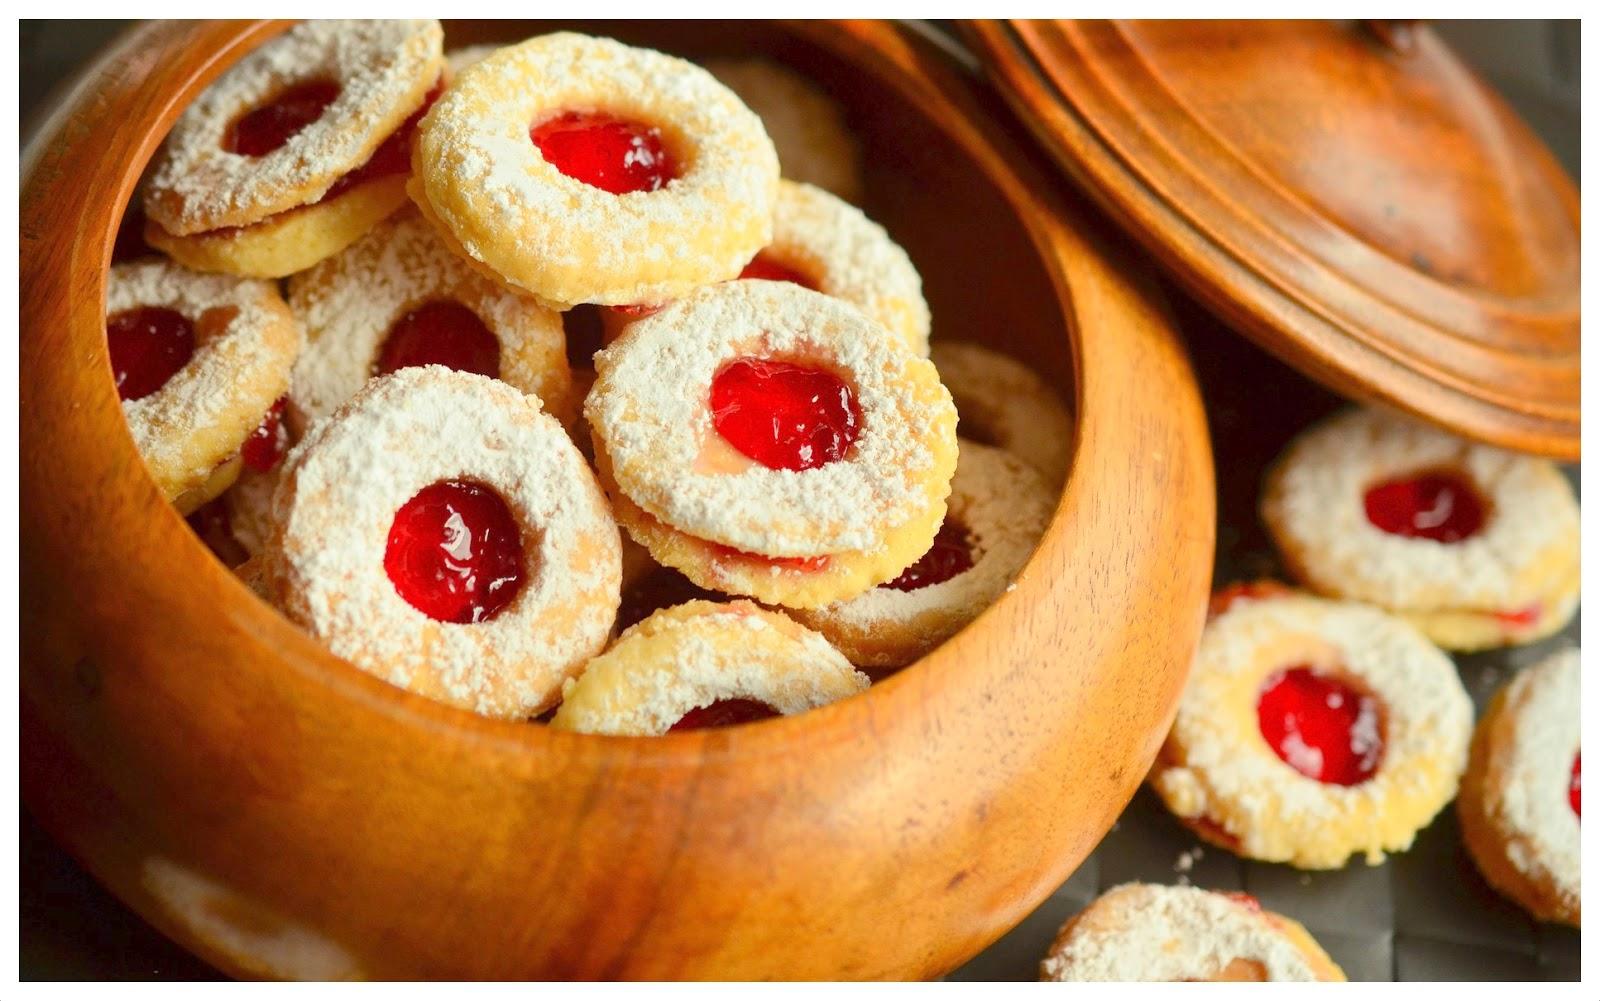 Idee Per Confezionare Biscotti Di Natale.Come Confezionare I Biscotti Fai Da Te Per Trasformali In Doni